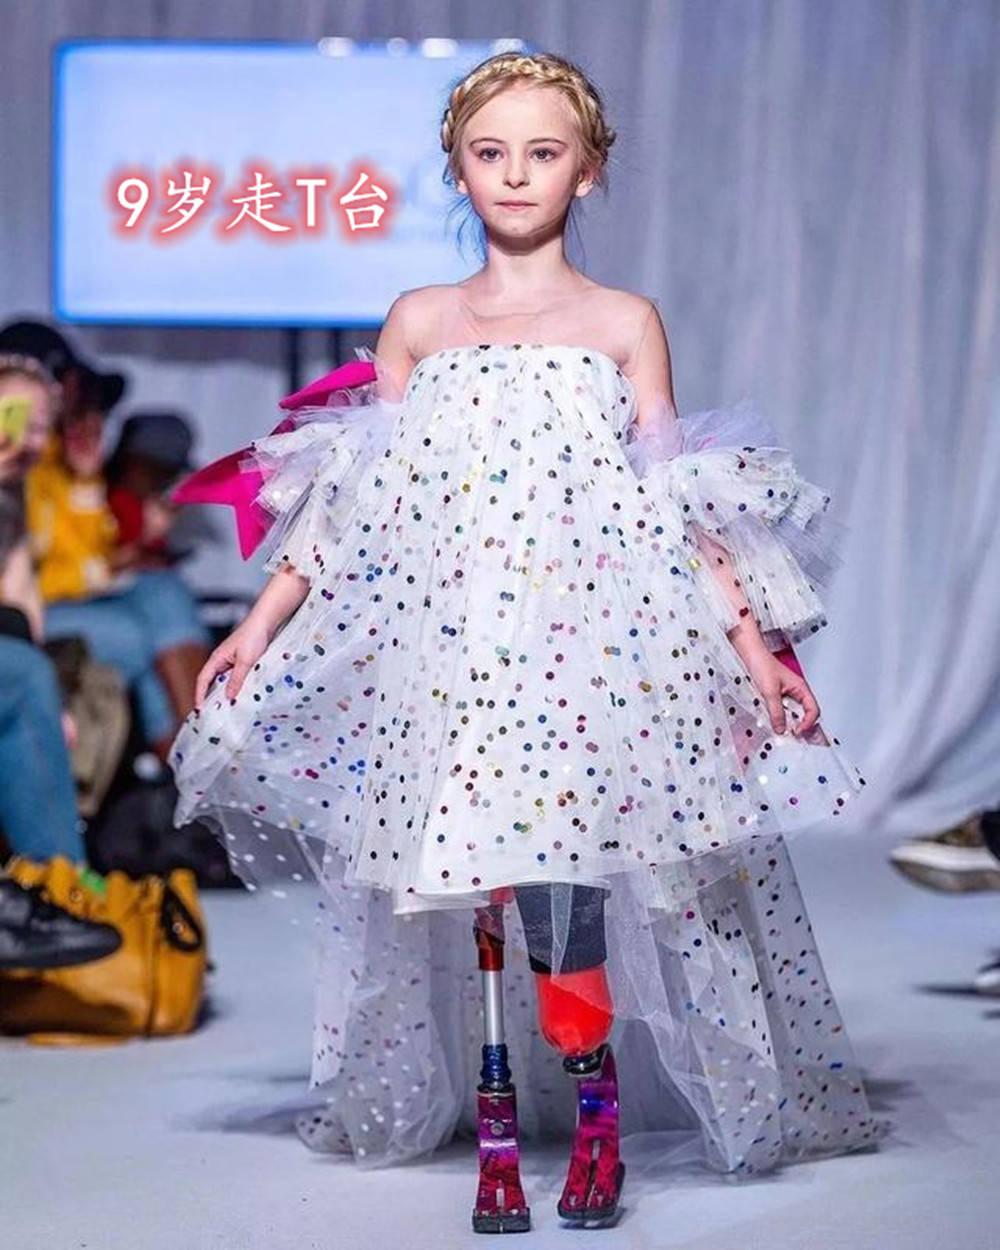 英国小女孩生来无腿,9年后却登上巴黎时装周,我命由我不由天_中欧新闻_首页 - 欧洲中文网